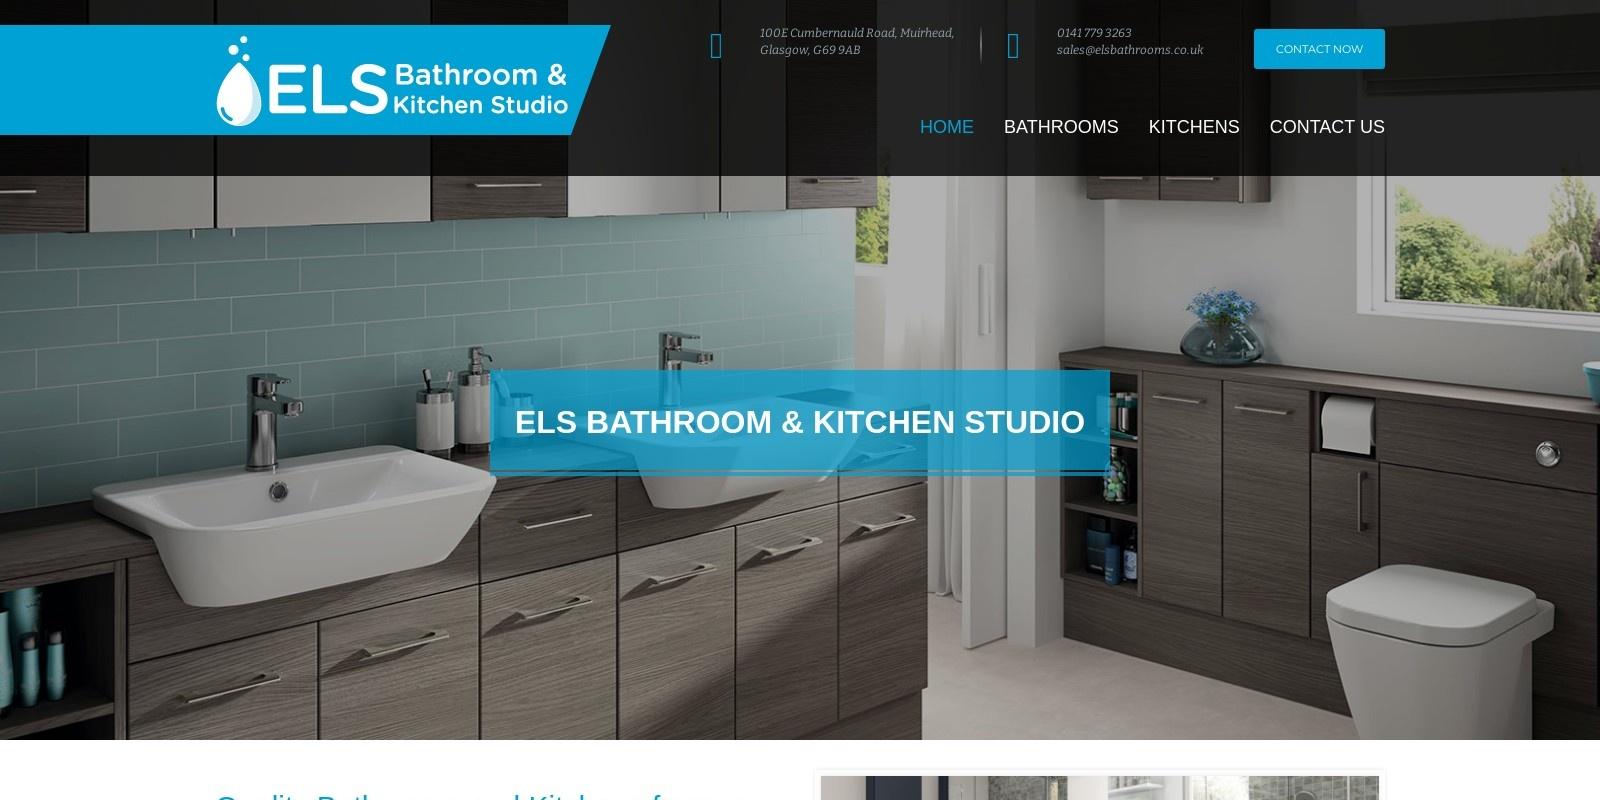 Preview of https://www.elsbathrooms.co.uk